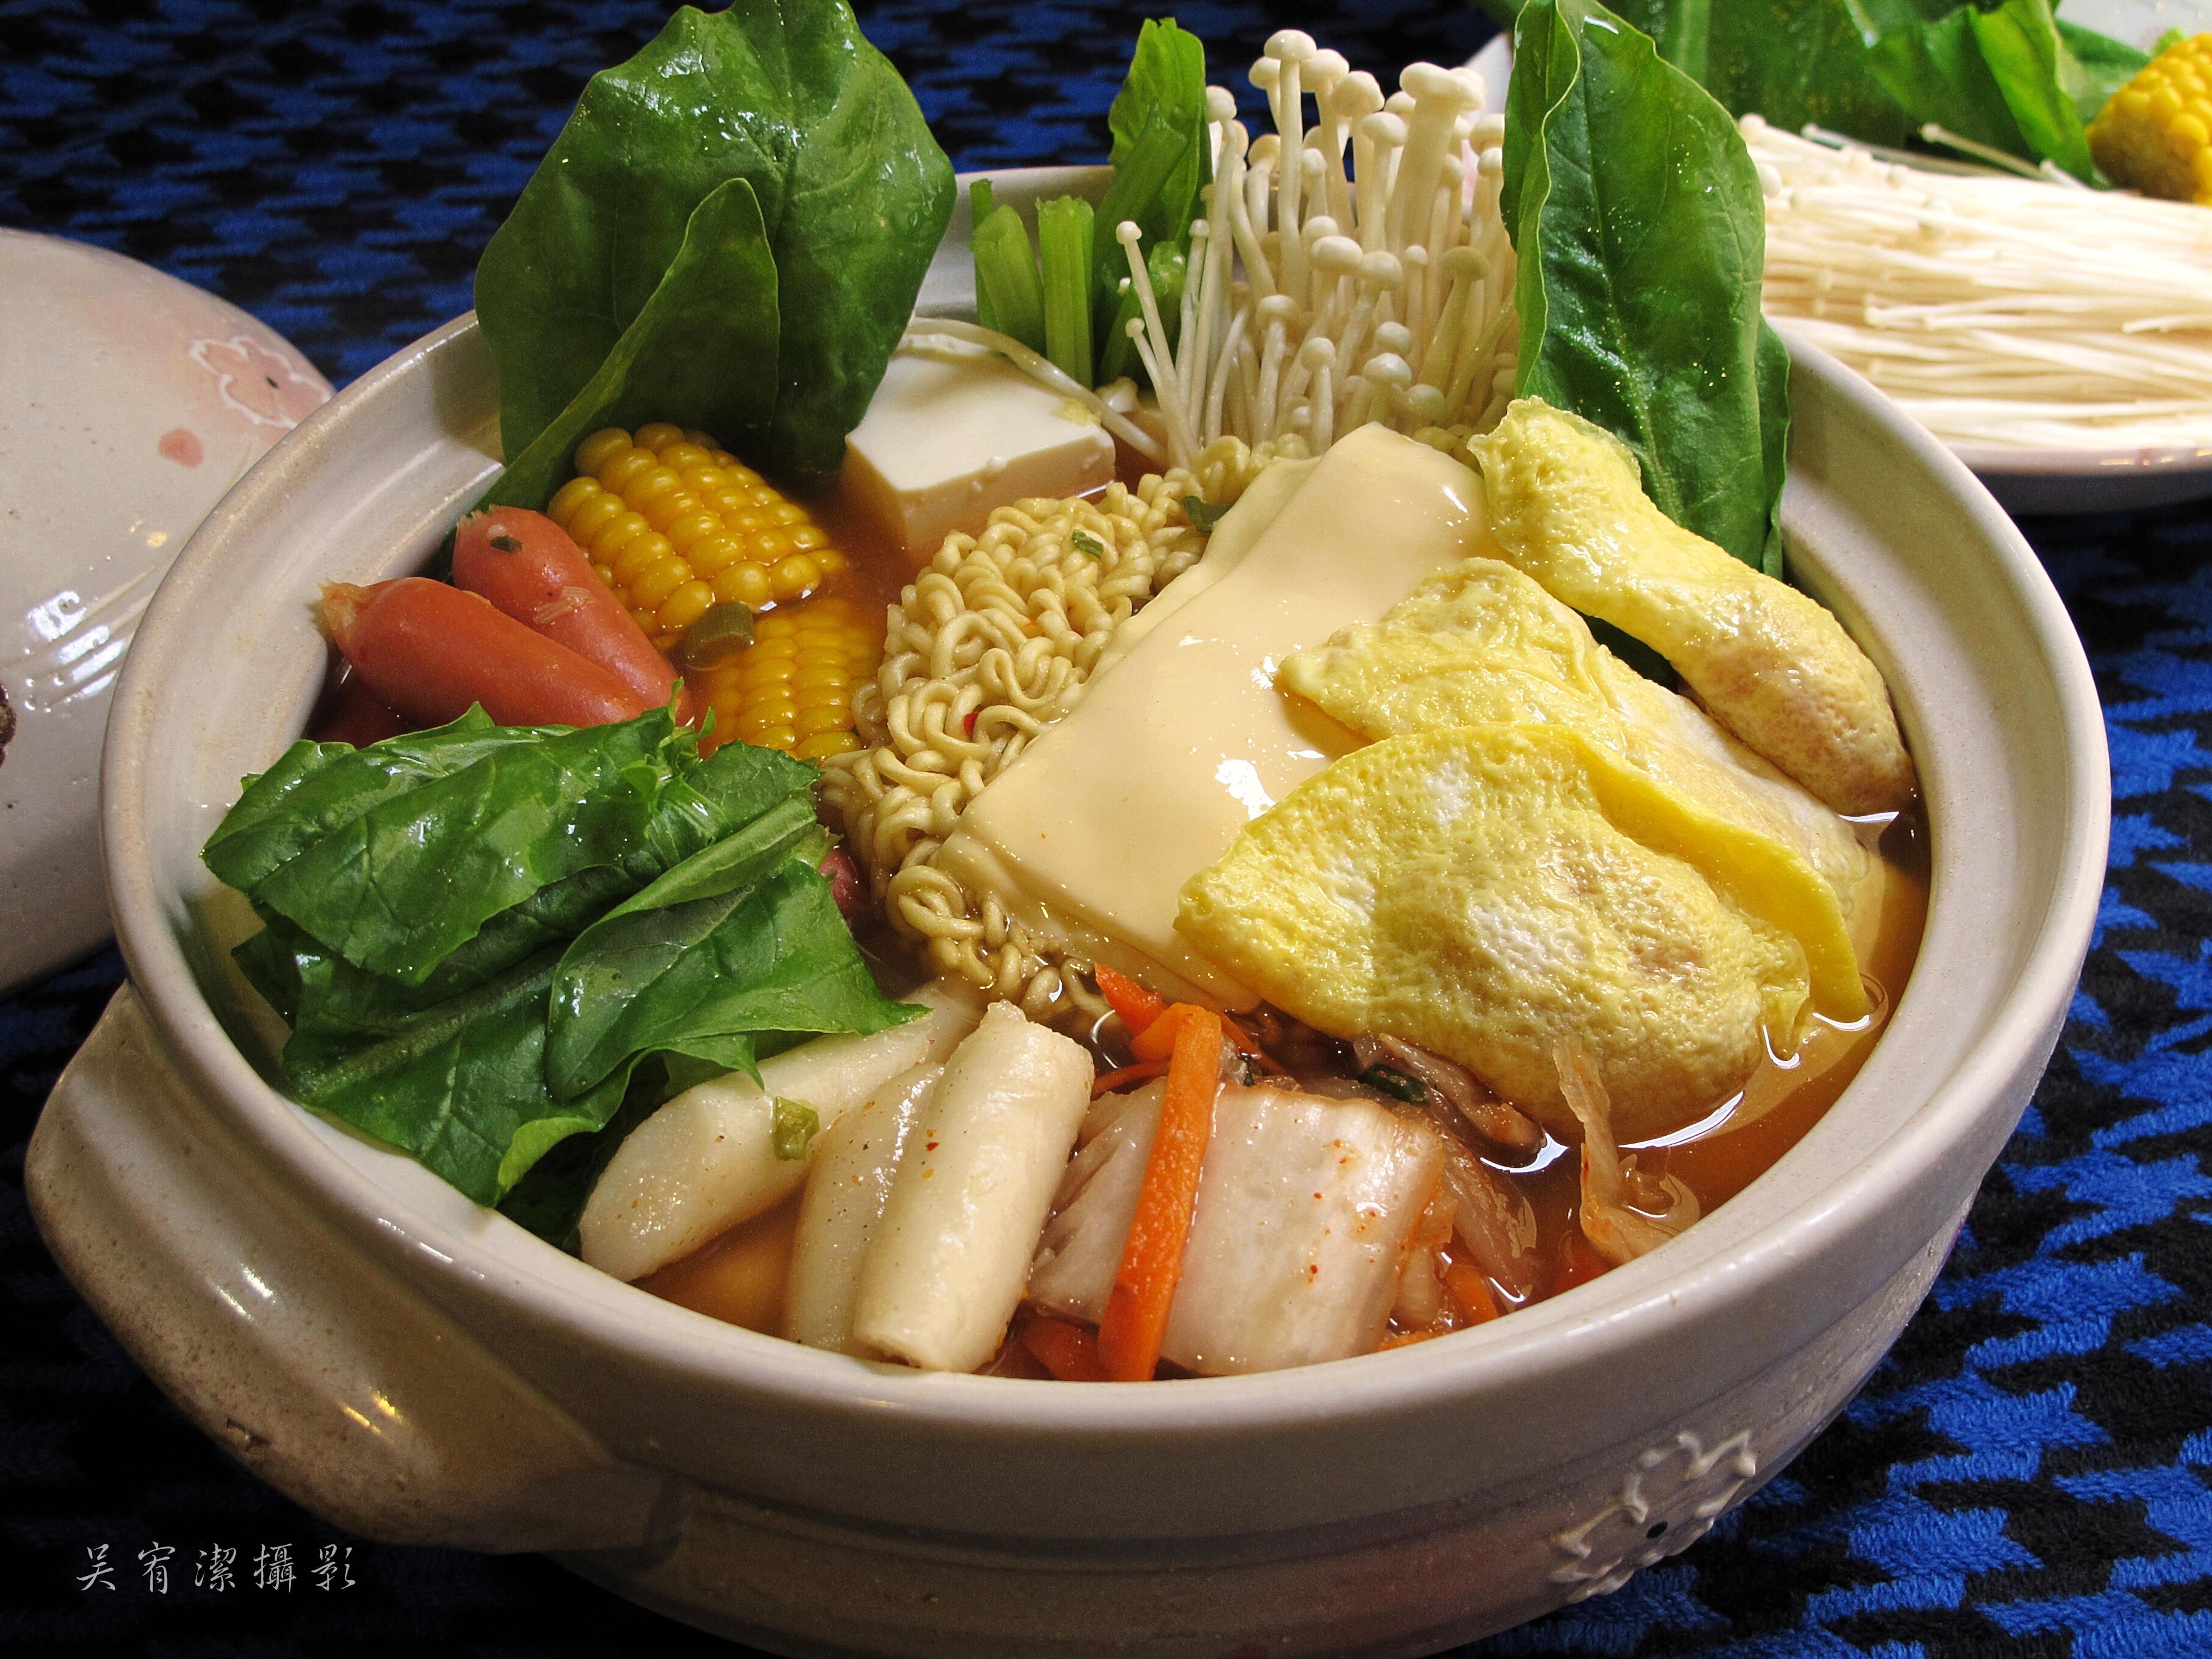 韓國部隊鍋。自製手工蛋餃。全聯料理王大賽